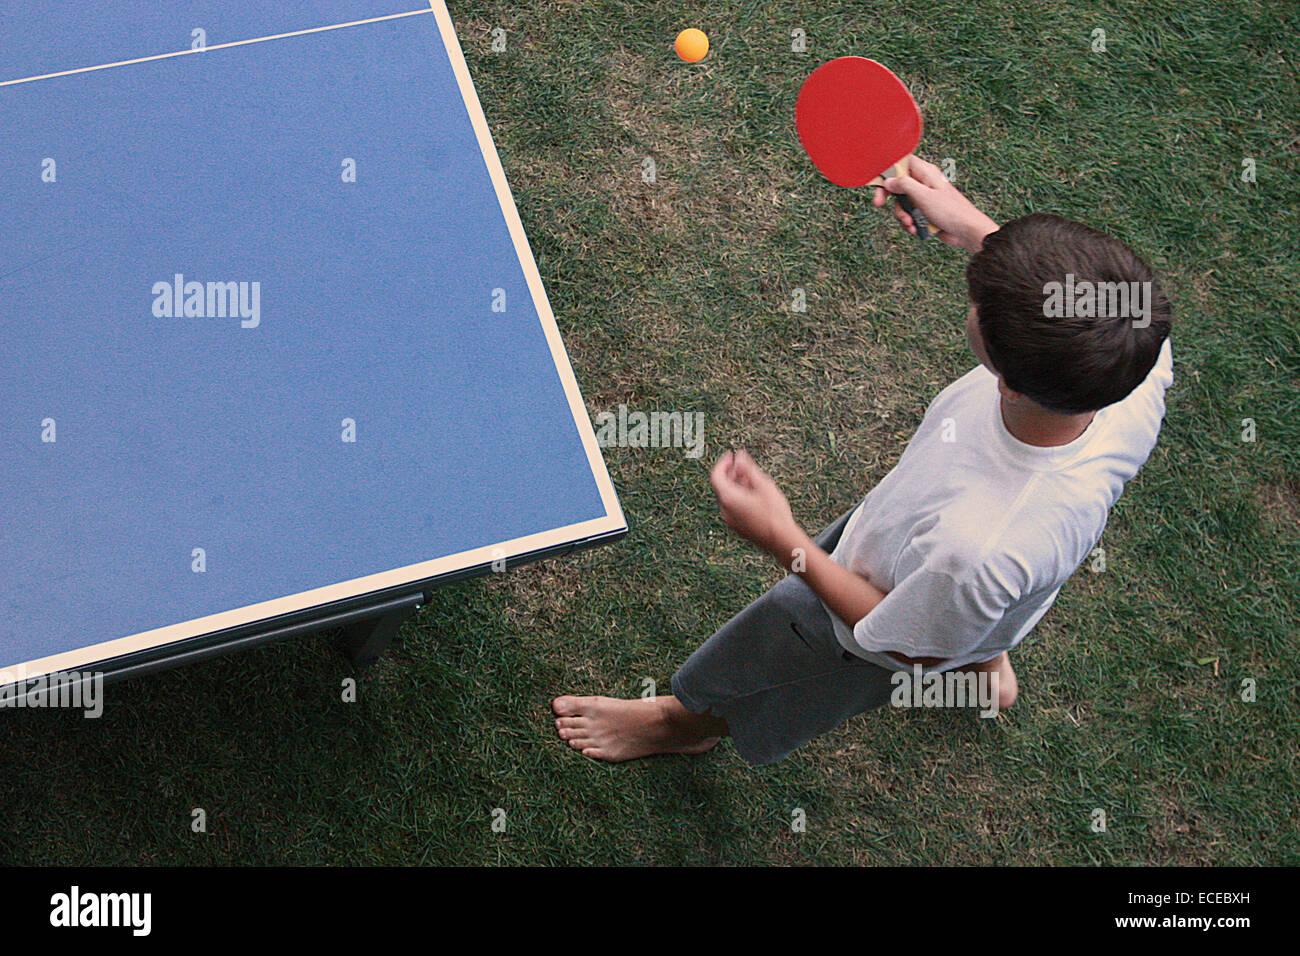 Vista in elevazione del ragazzo giocando a ping-pong Immagini Stock